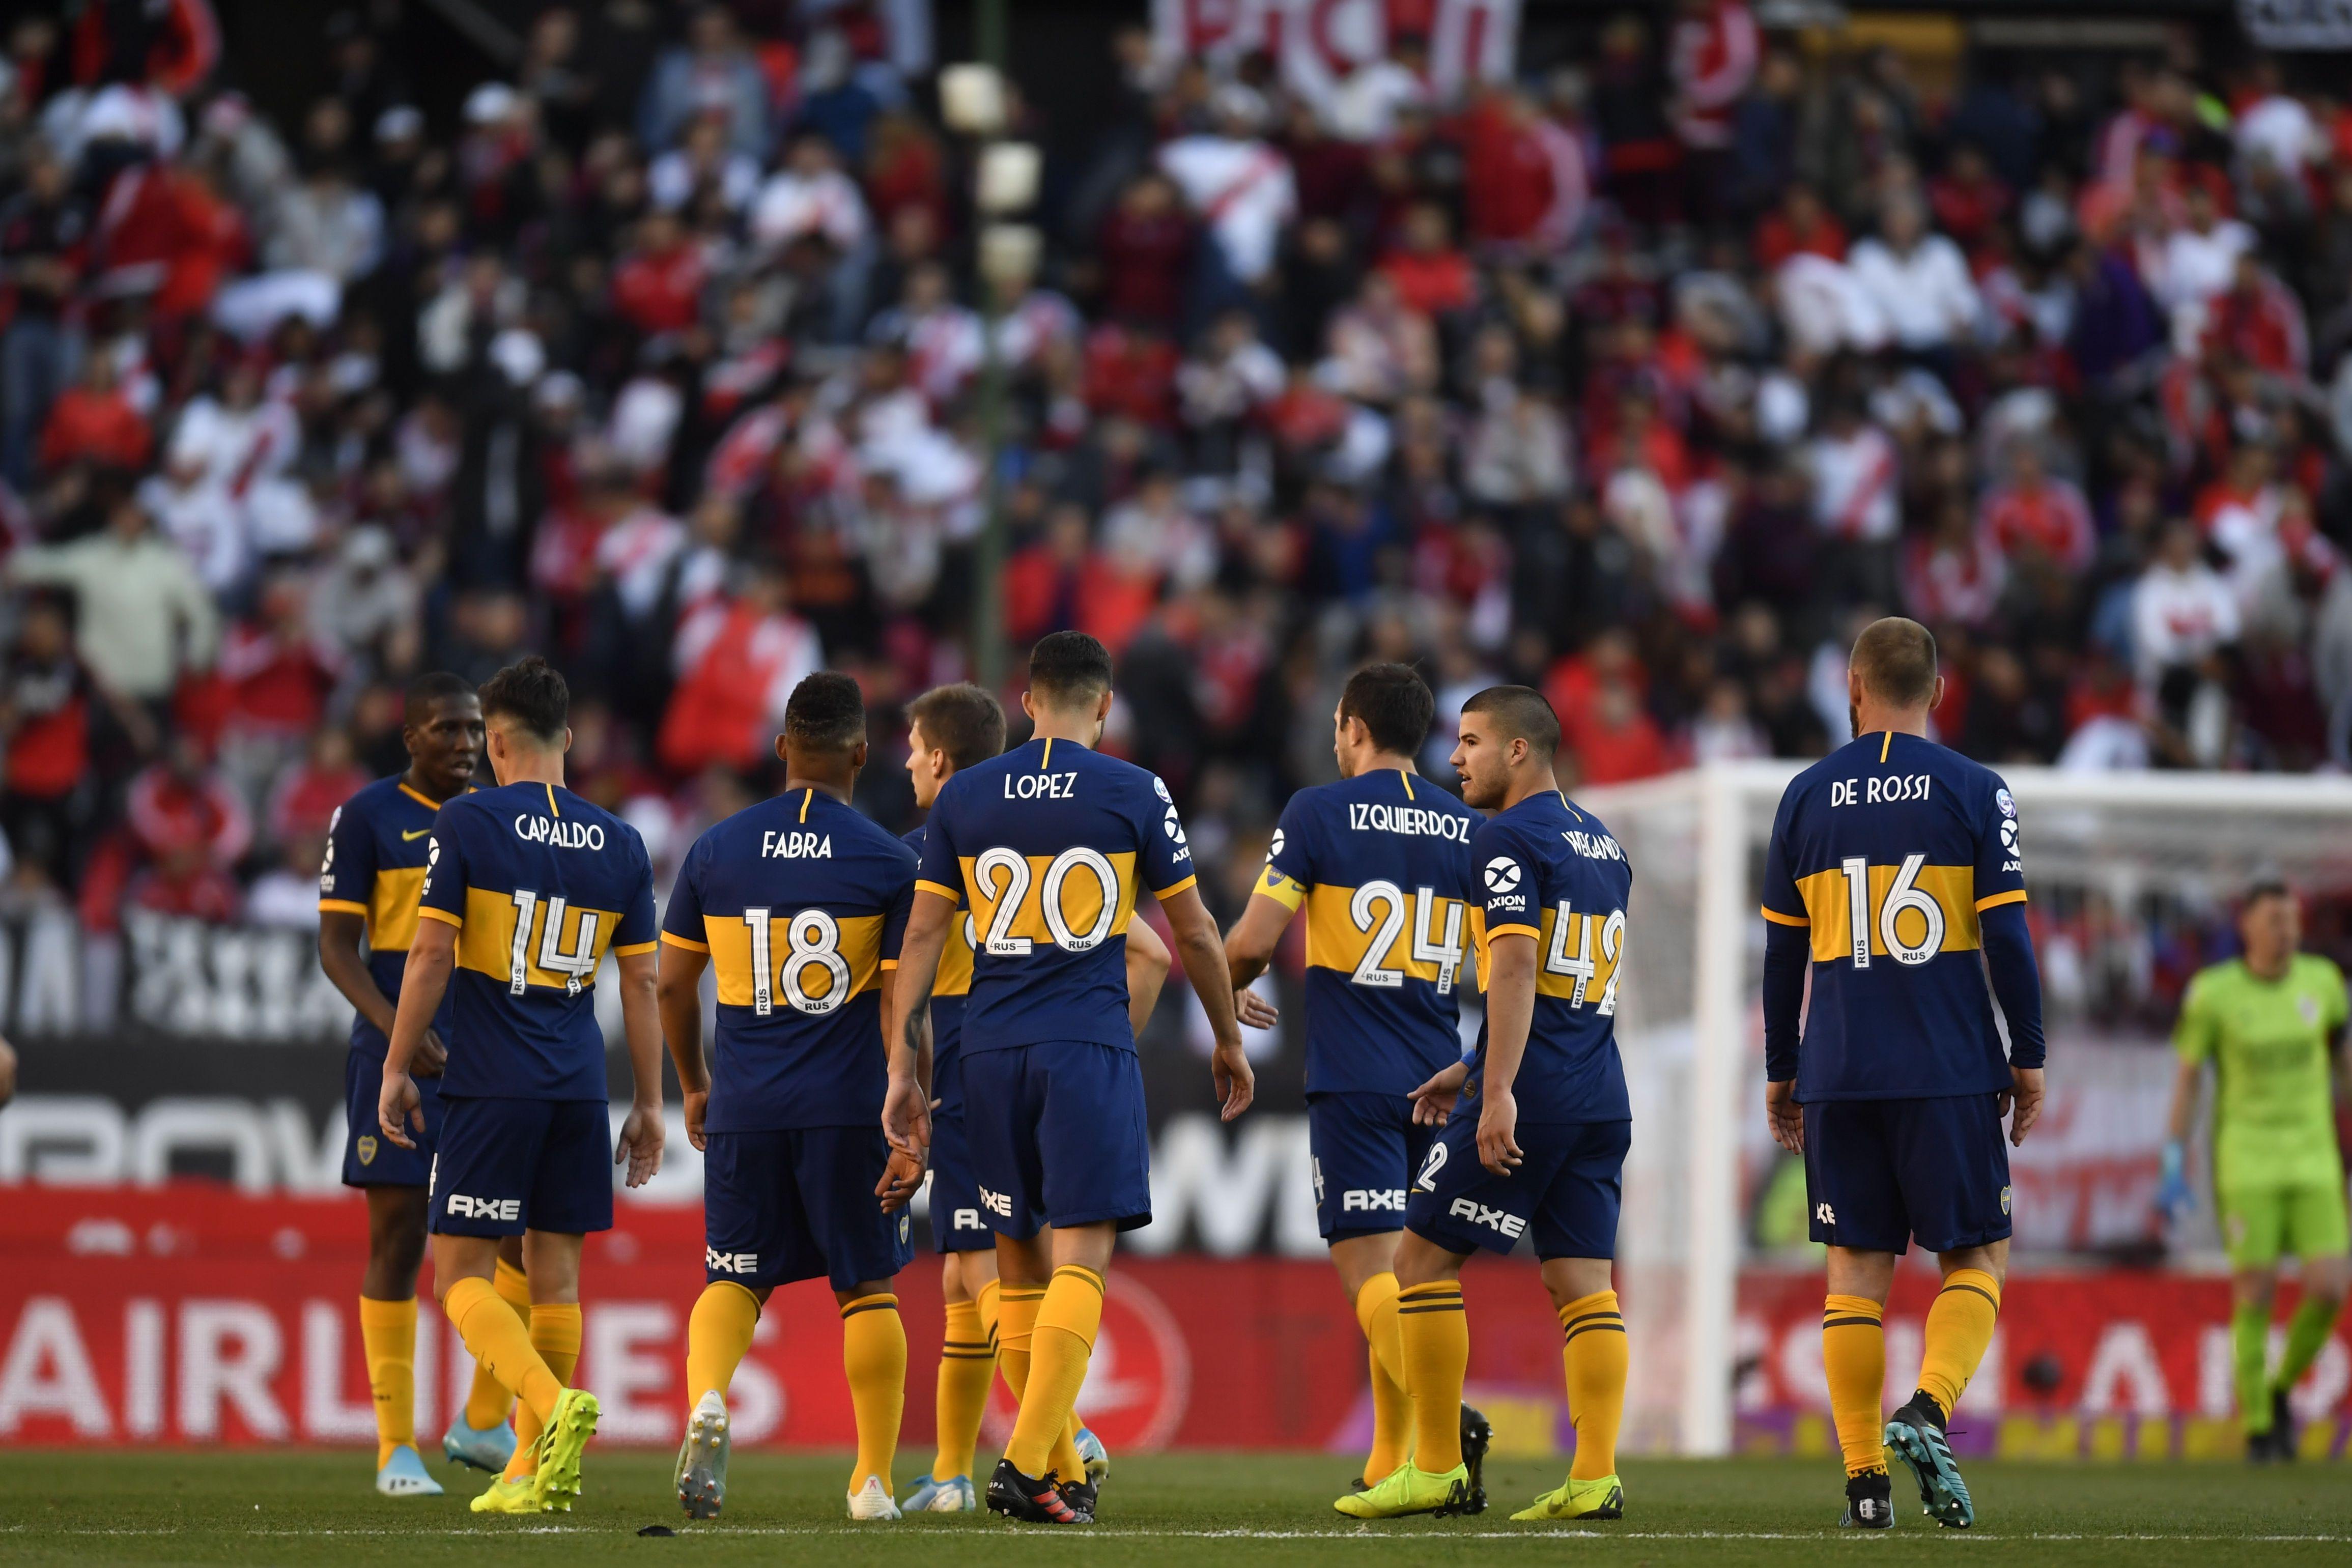 Tras las salidas de Benedetto y Nández, Boca quiere sumar a préstamo a Franco Cervi